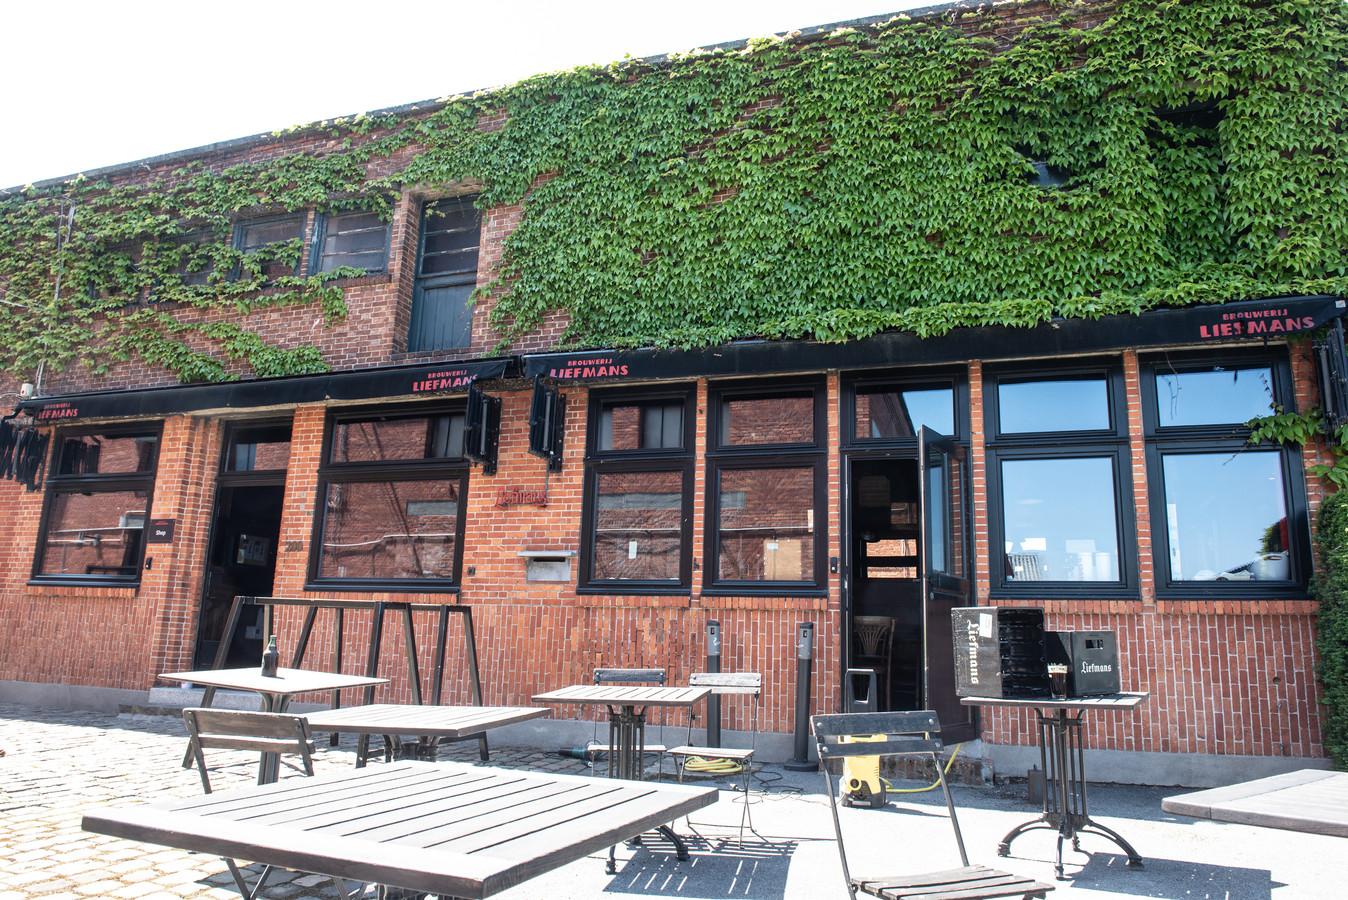 Er komt een terras op de binnenkoer van de brouwerij...